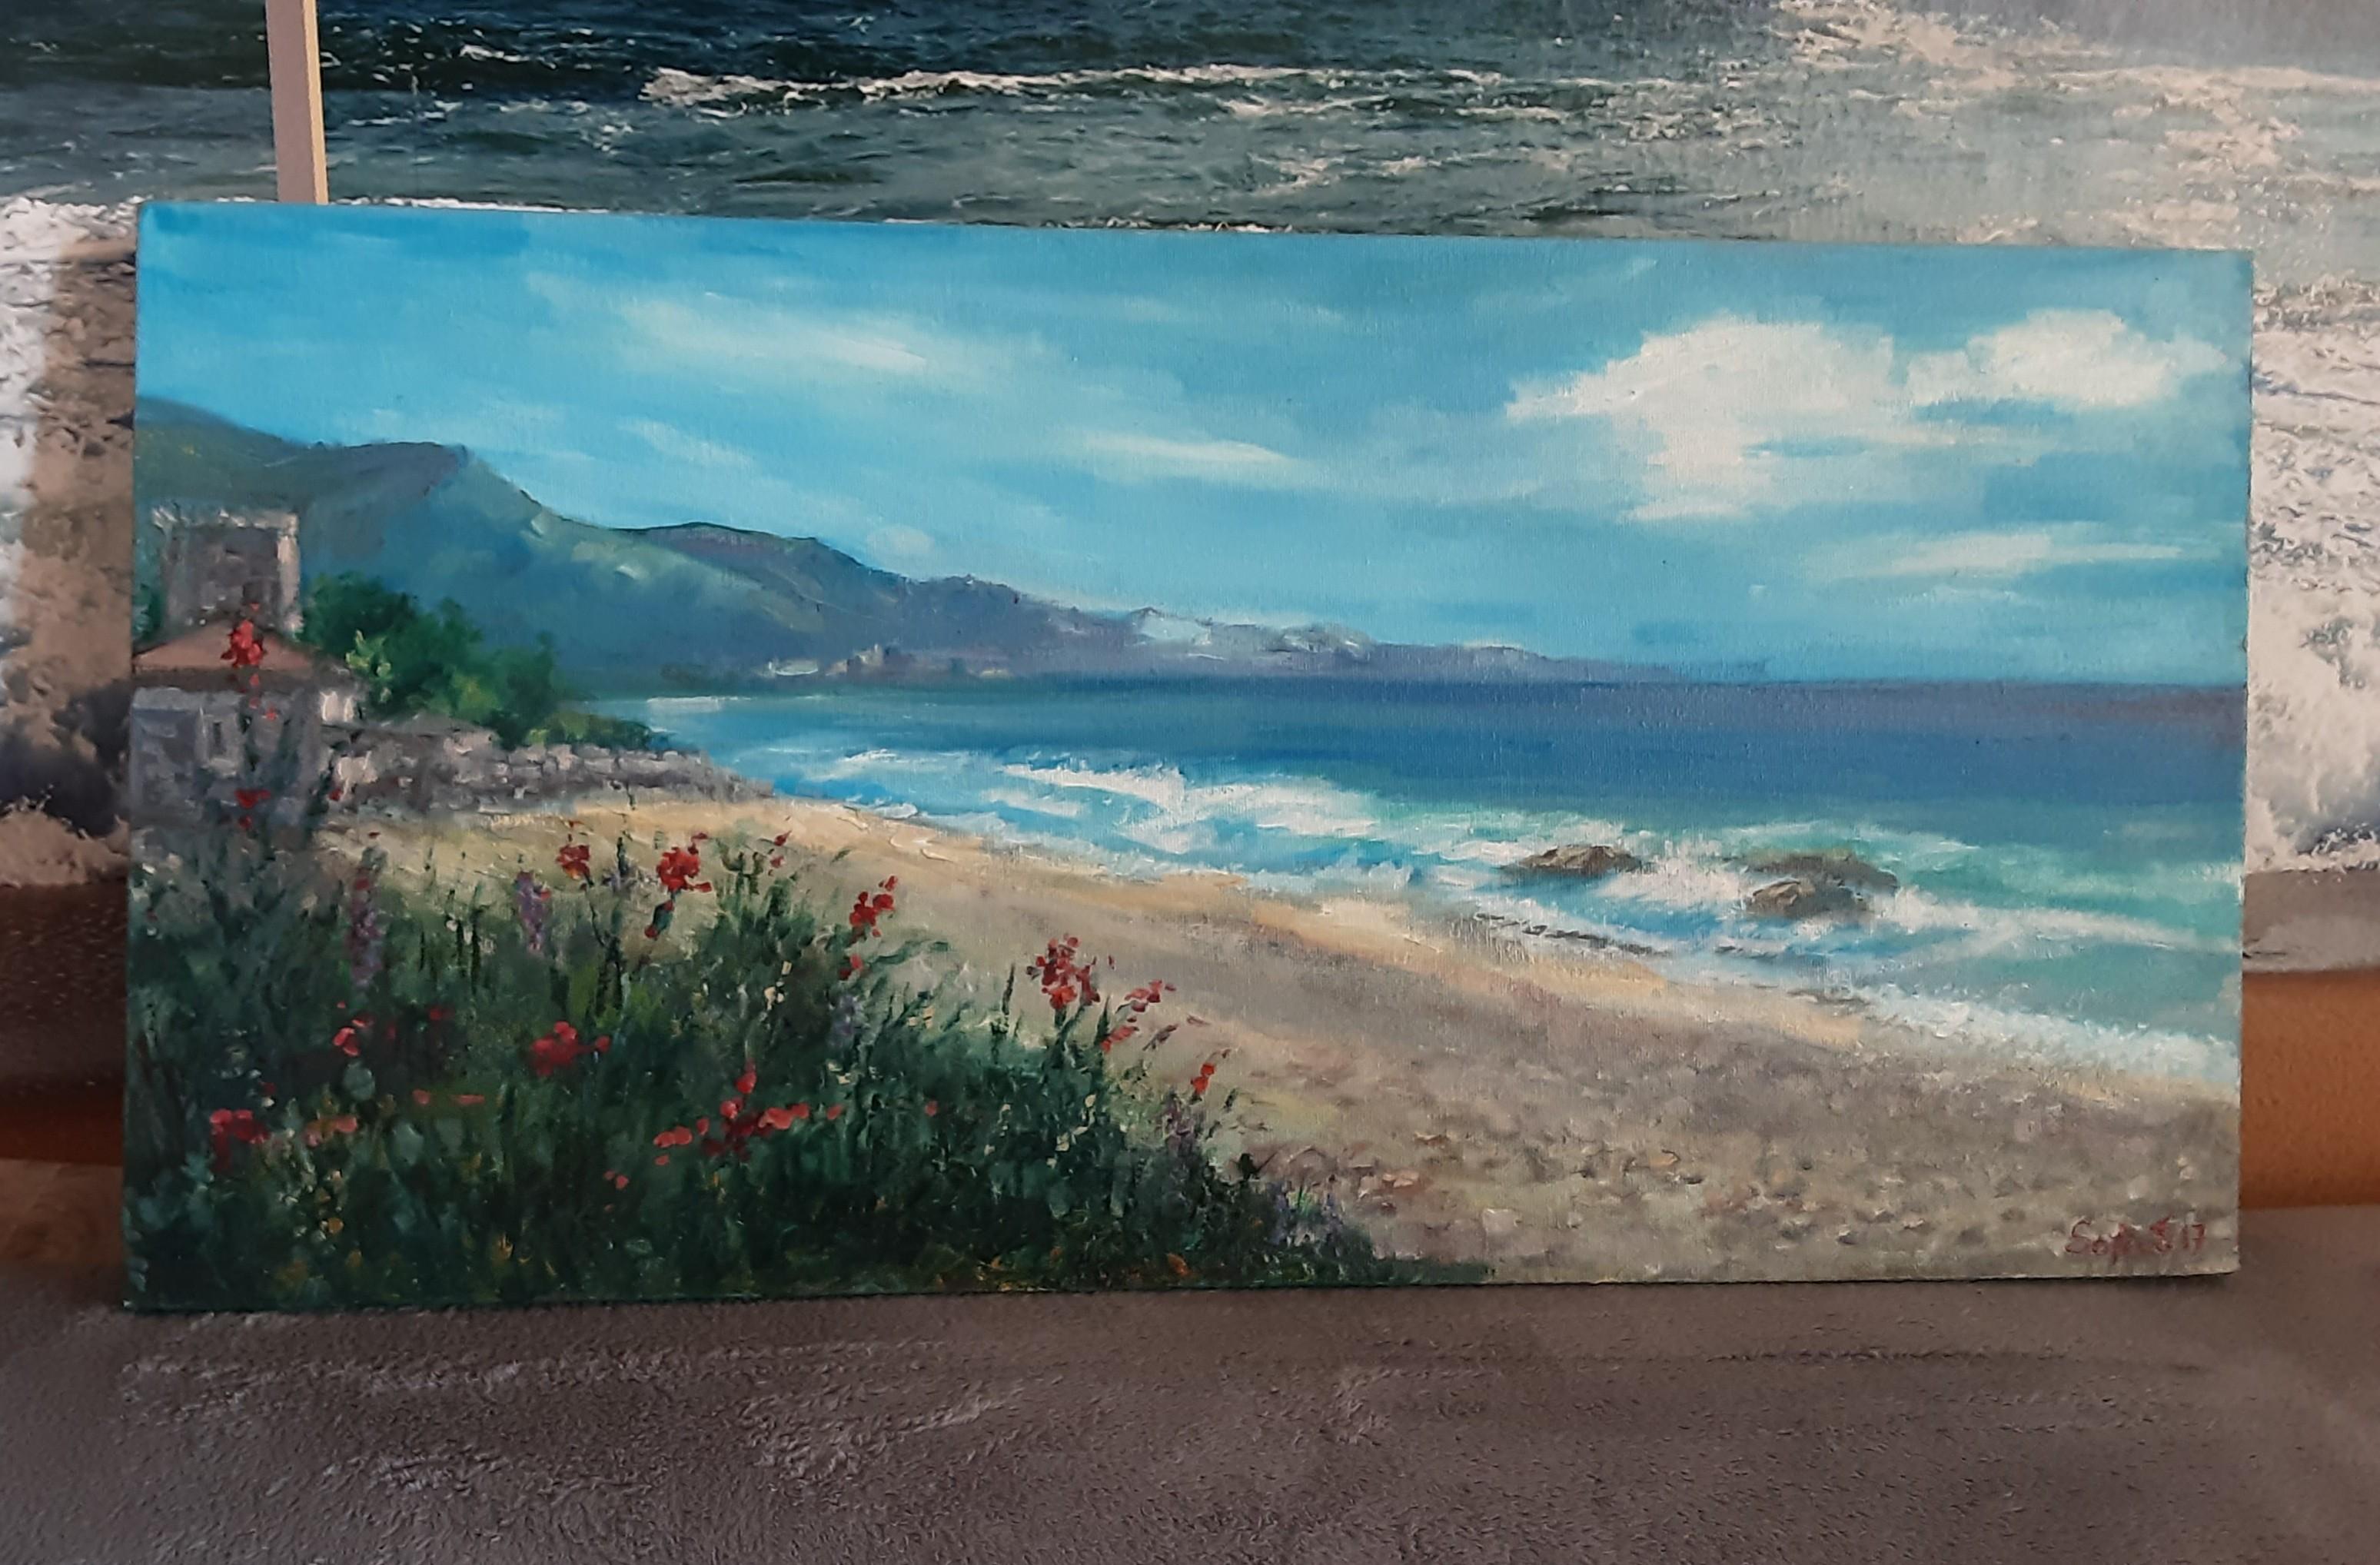 Spiaggia di Sicilia 2